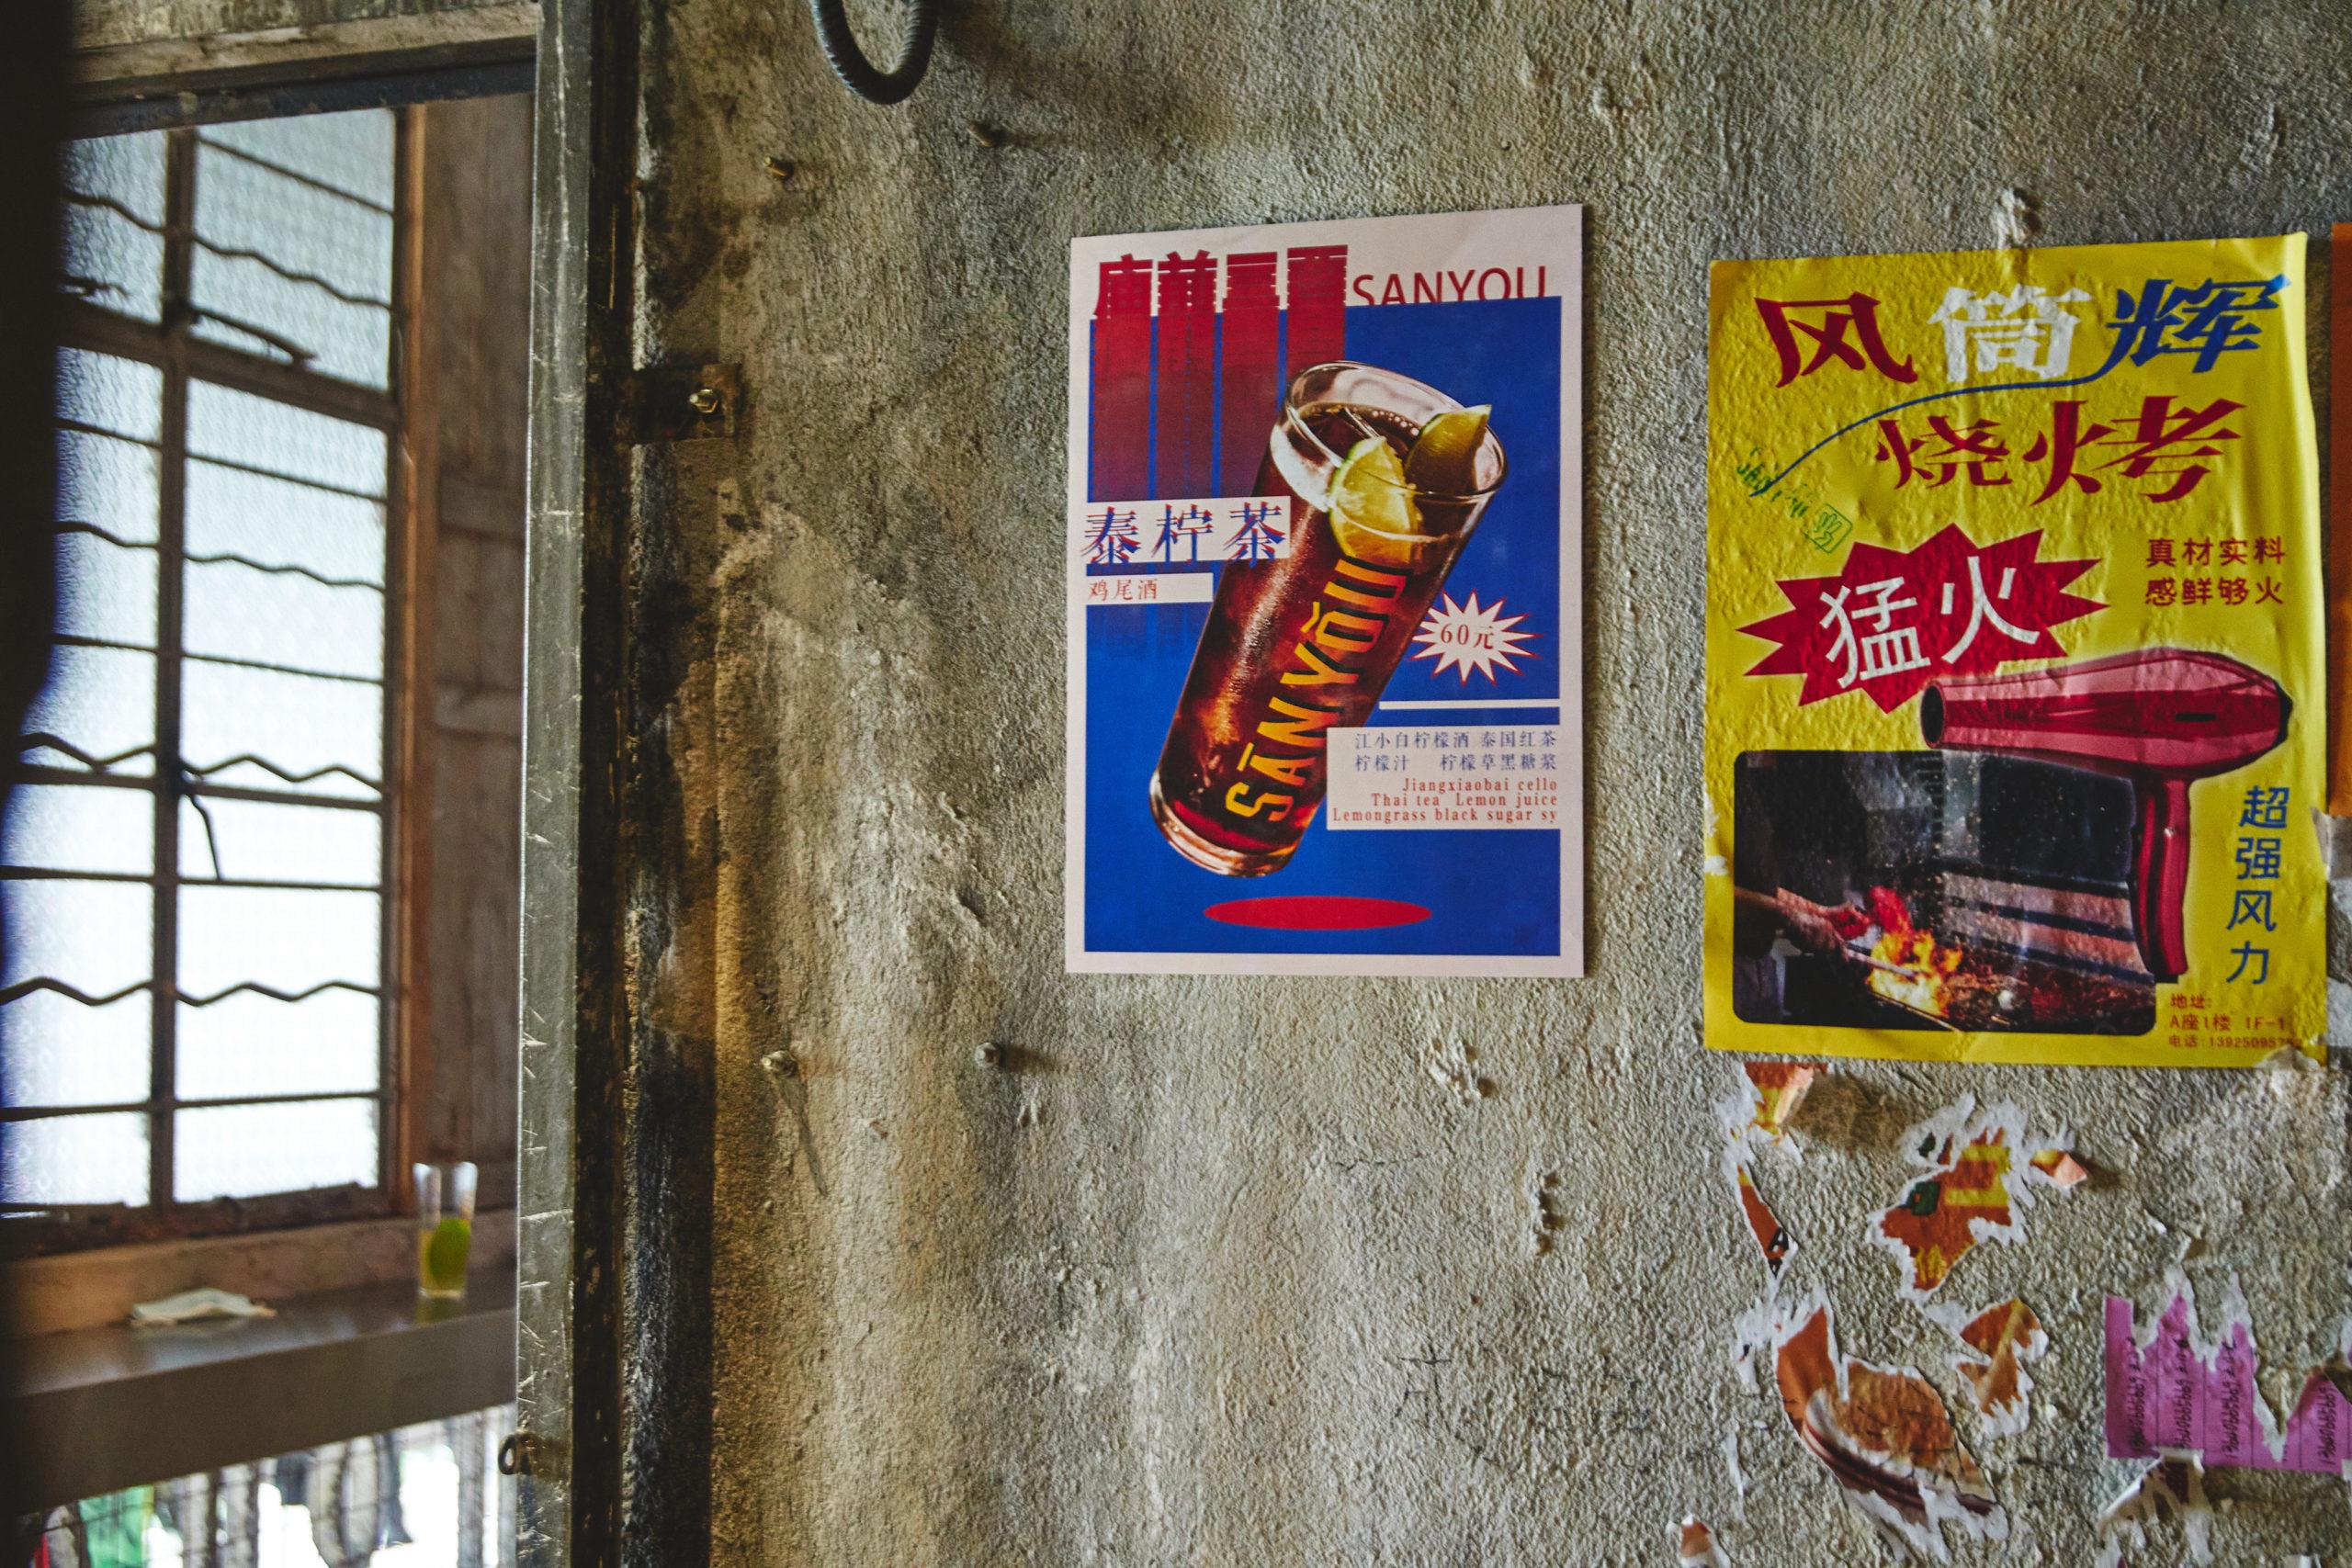 san-you-baijiu-bar-guangzhou-7